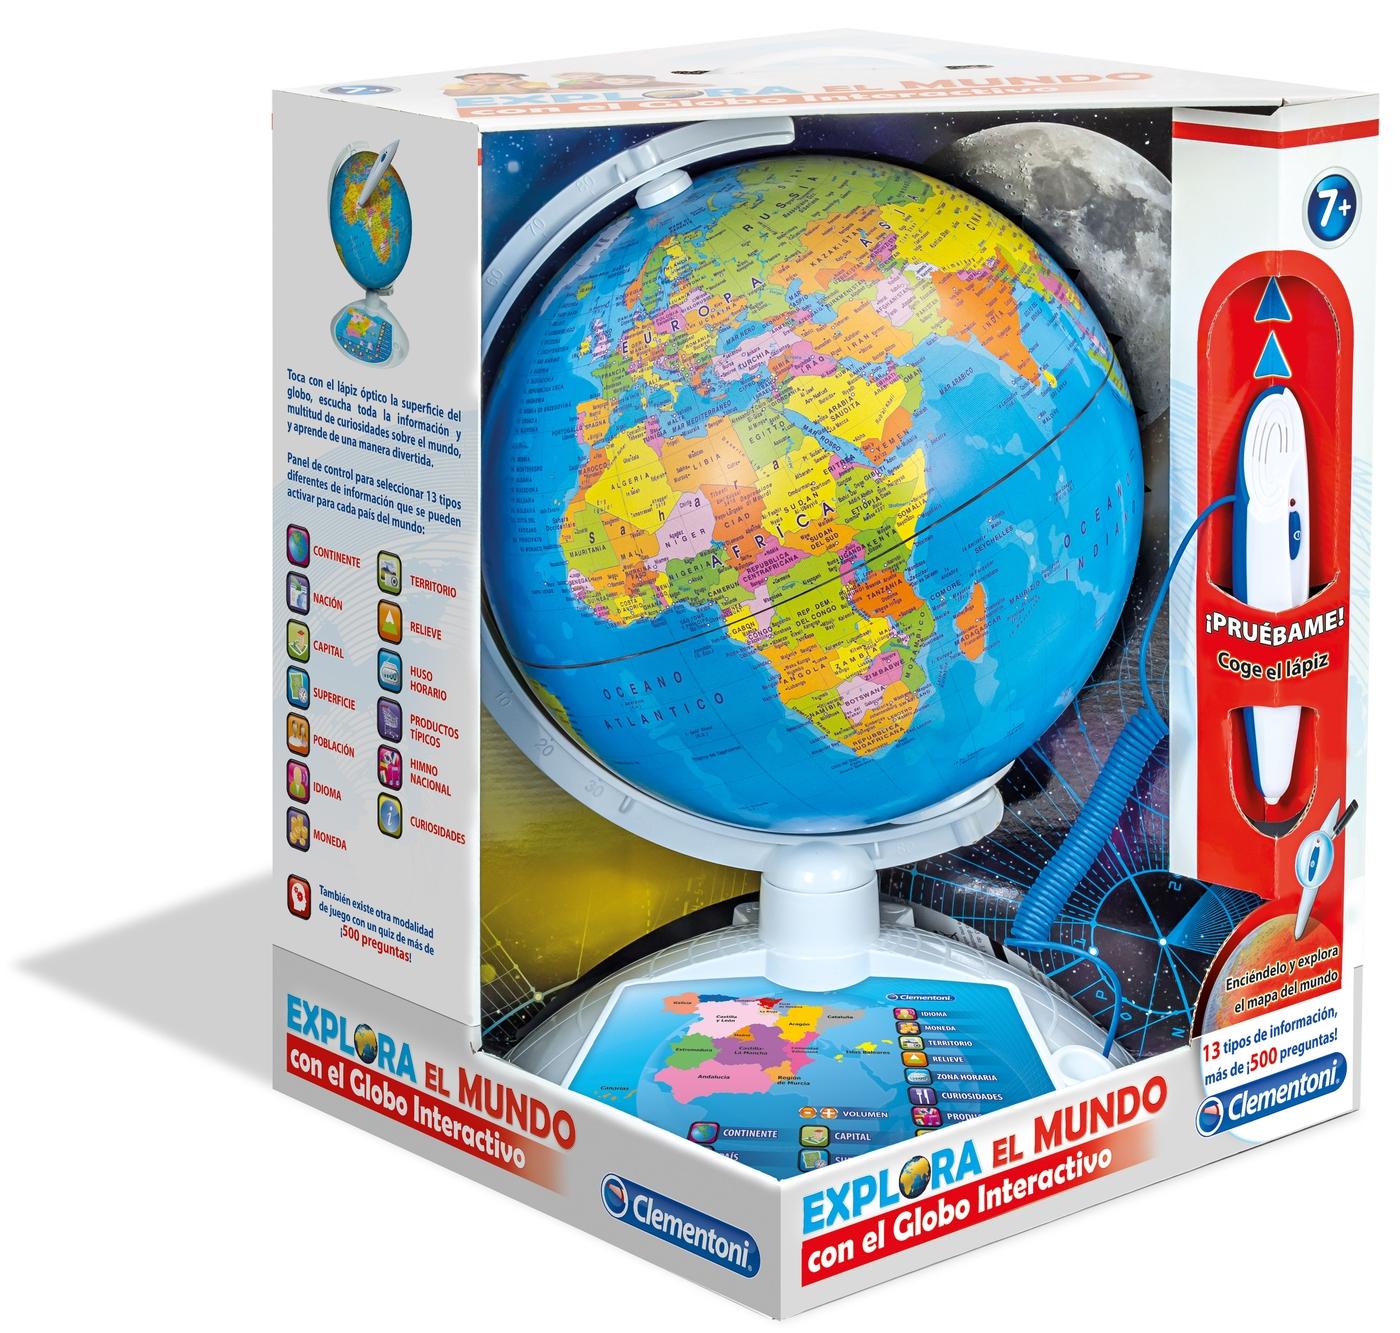 EXPLORA EL MUNDO GLOBO 55117 - N30219